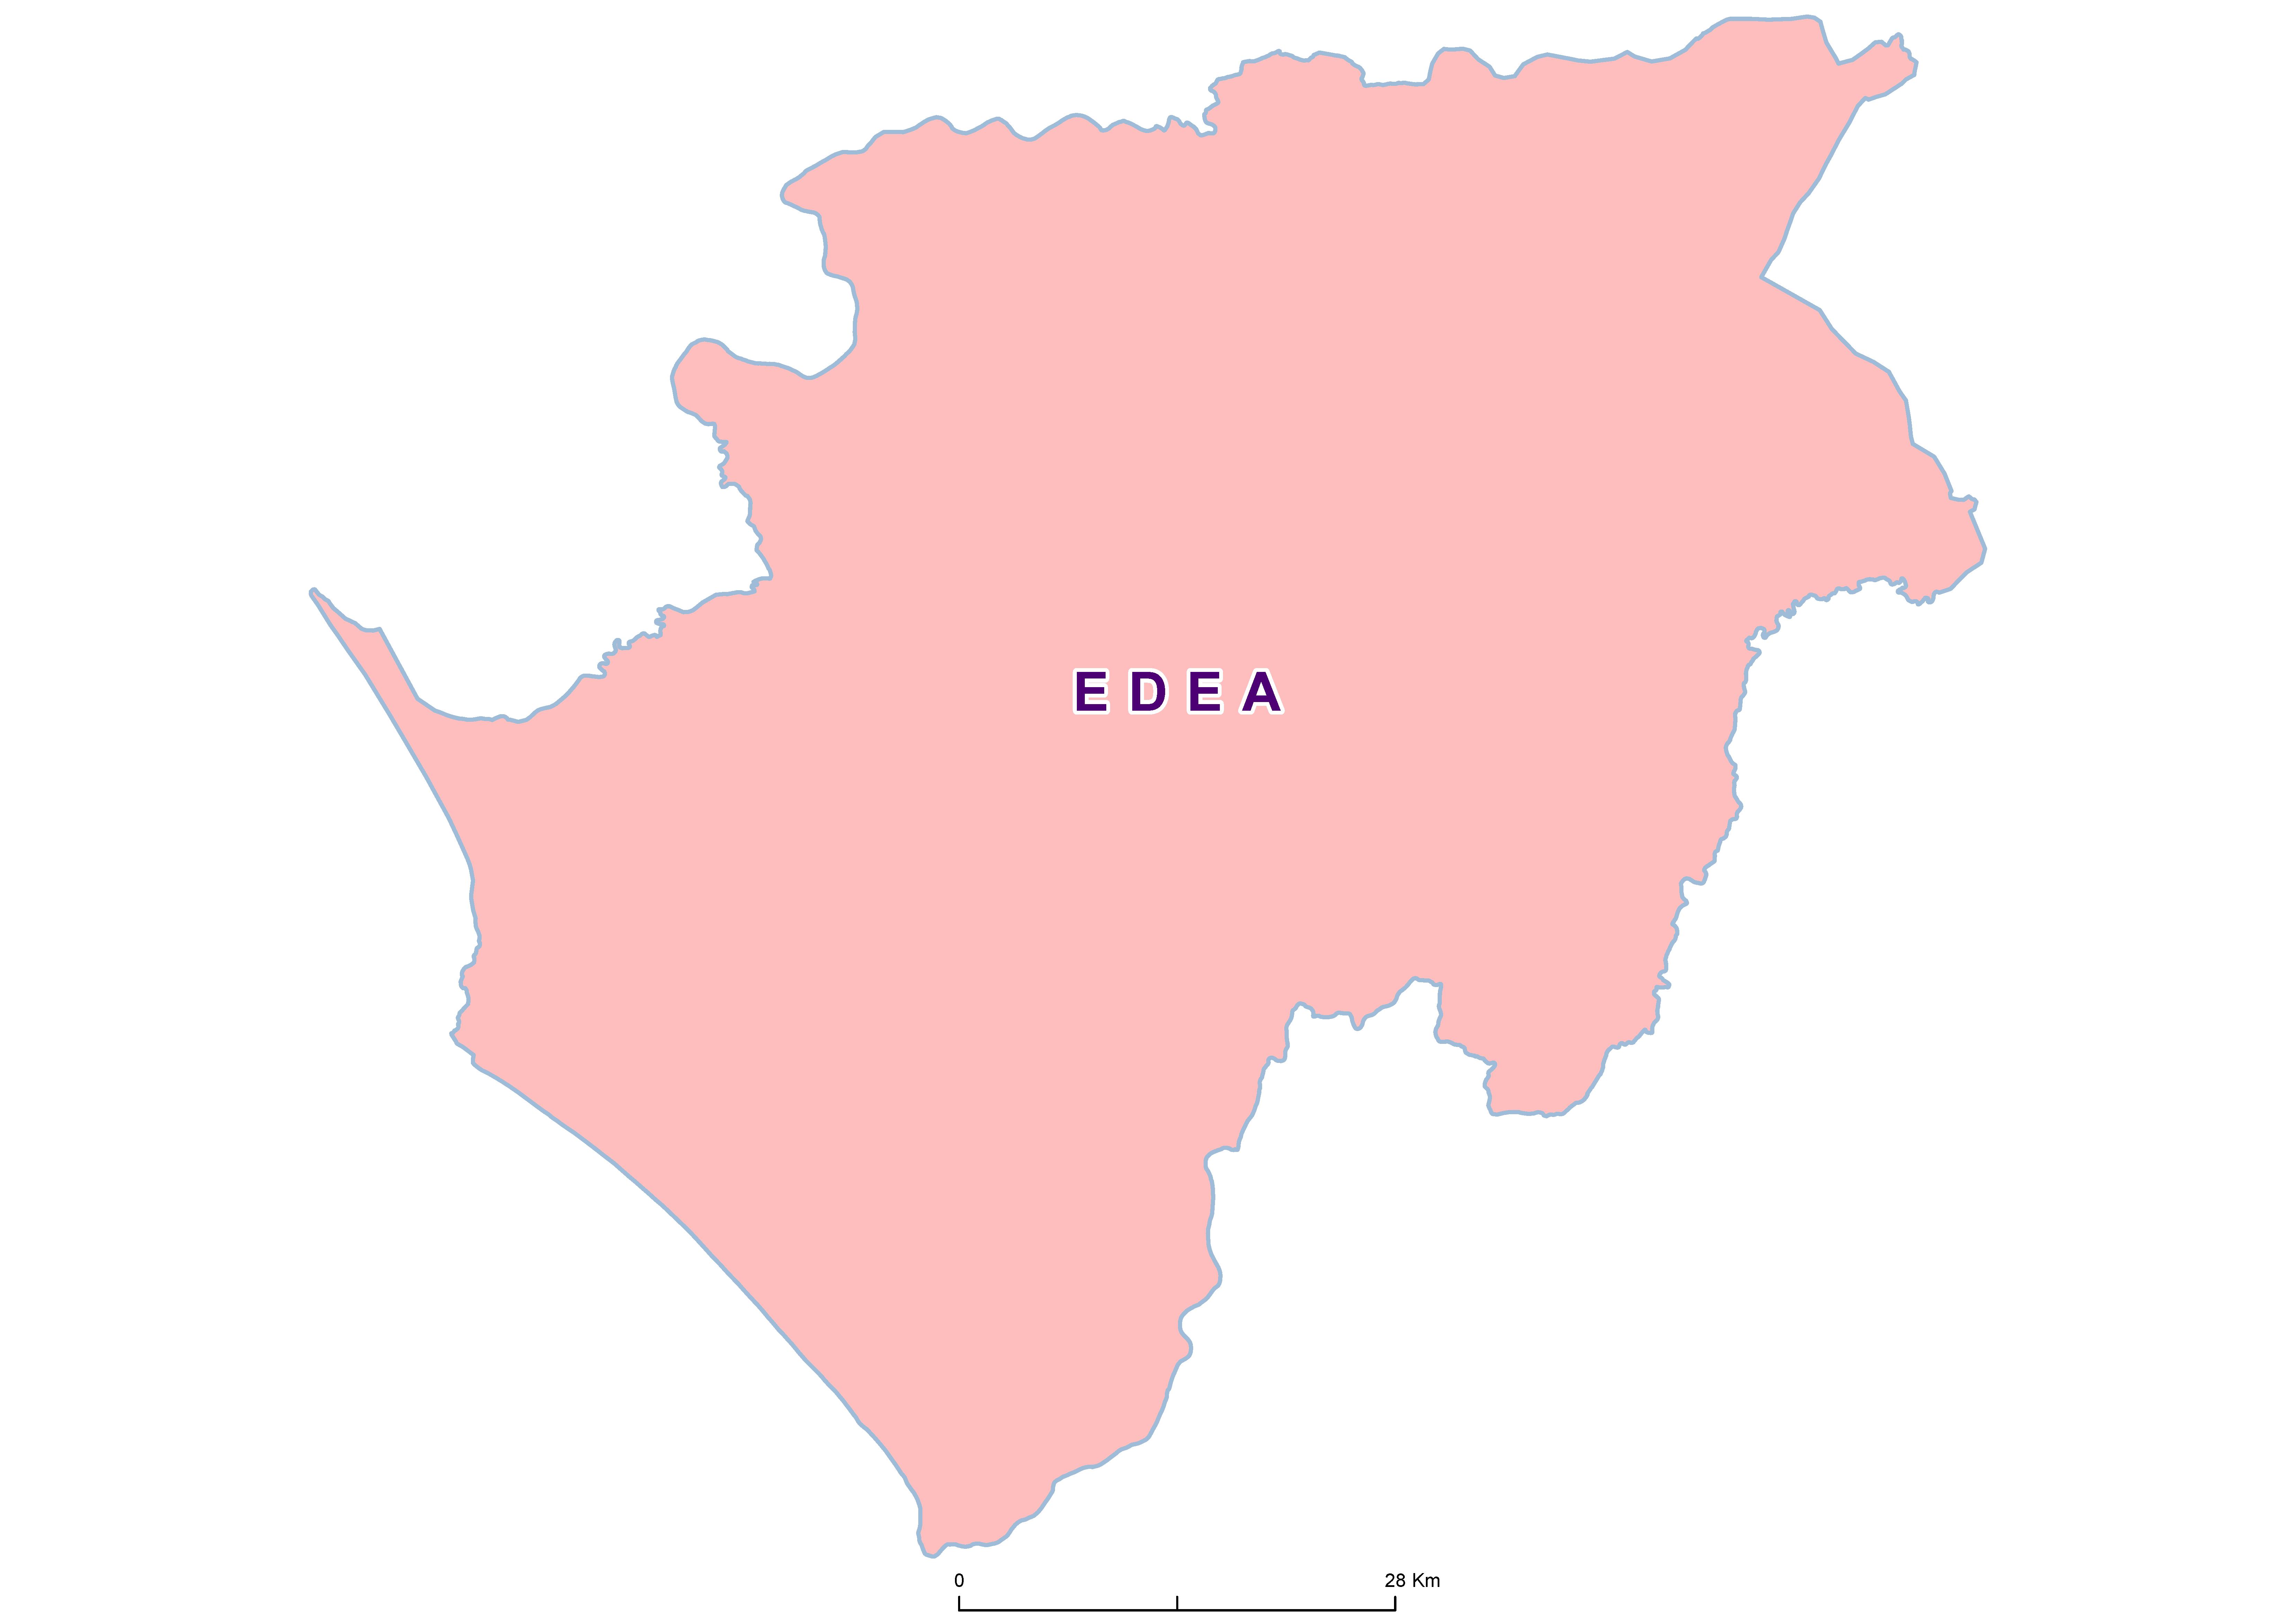 Edea Mean SCH 19850001